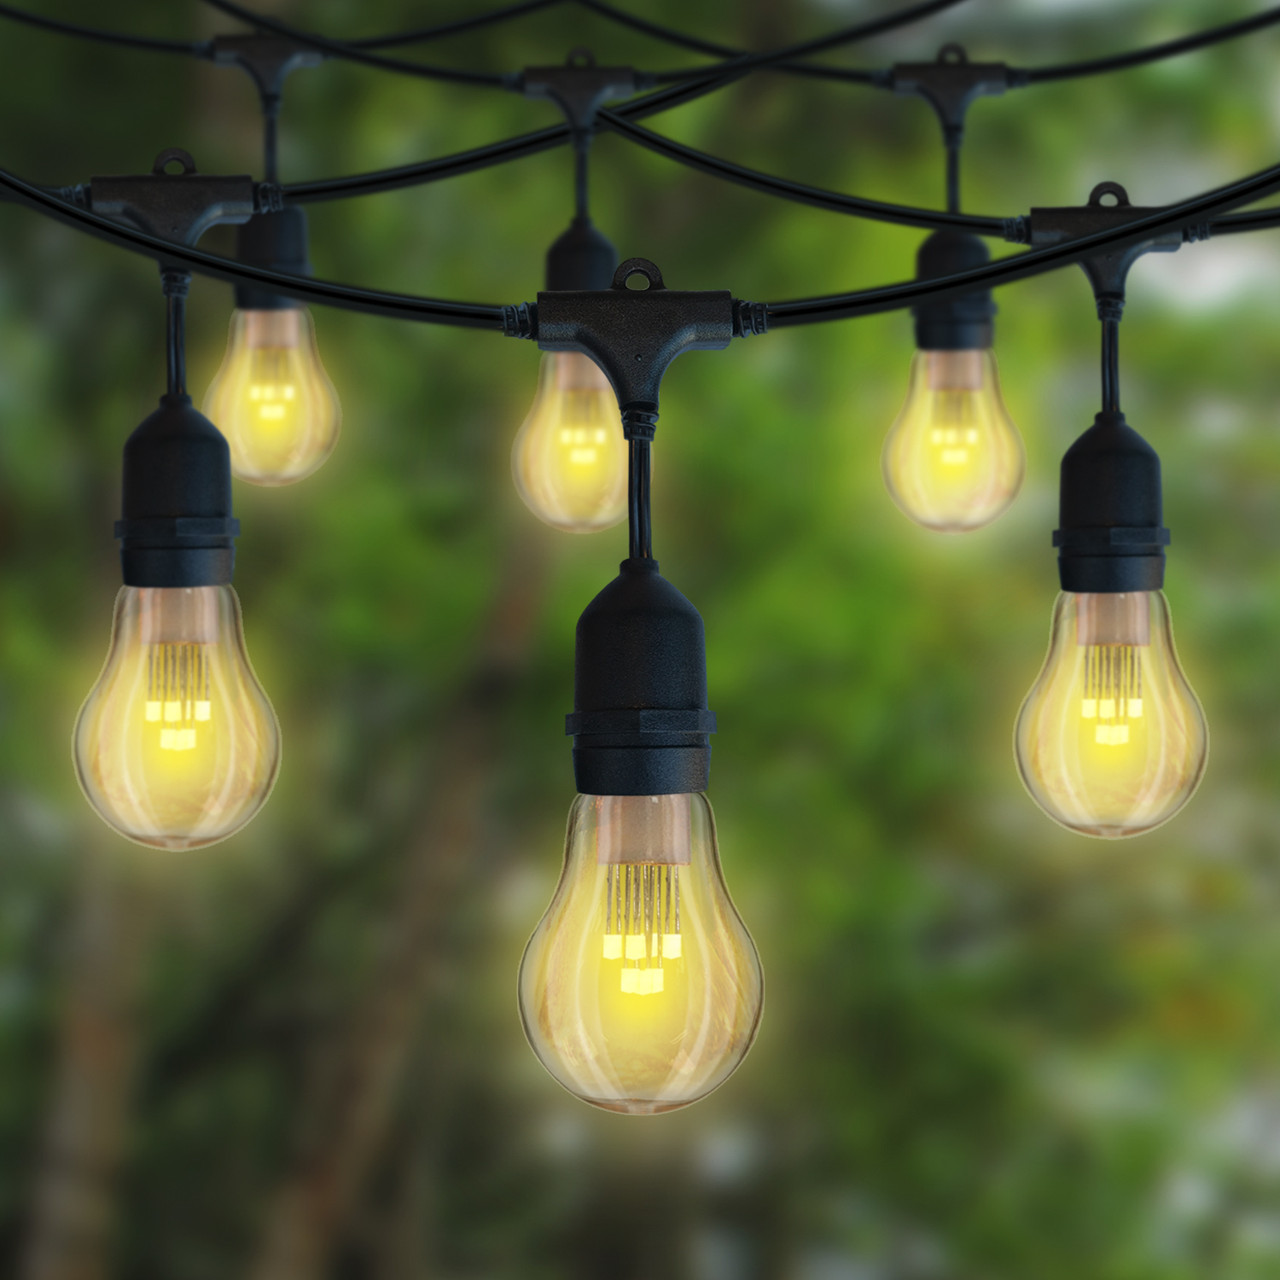 Гирлянды для кафе, 10 метров 10 ламп. Гирлянда с лампочками, гирлянда ретро, гирлянда для летней площадки